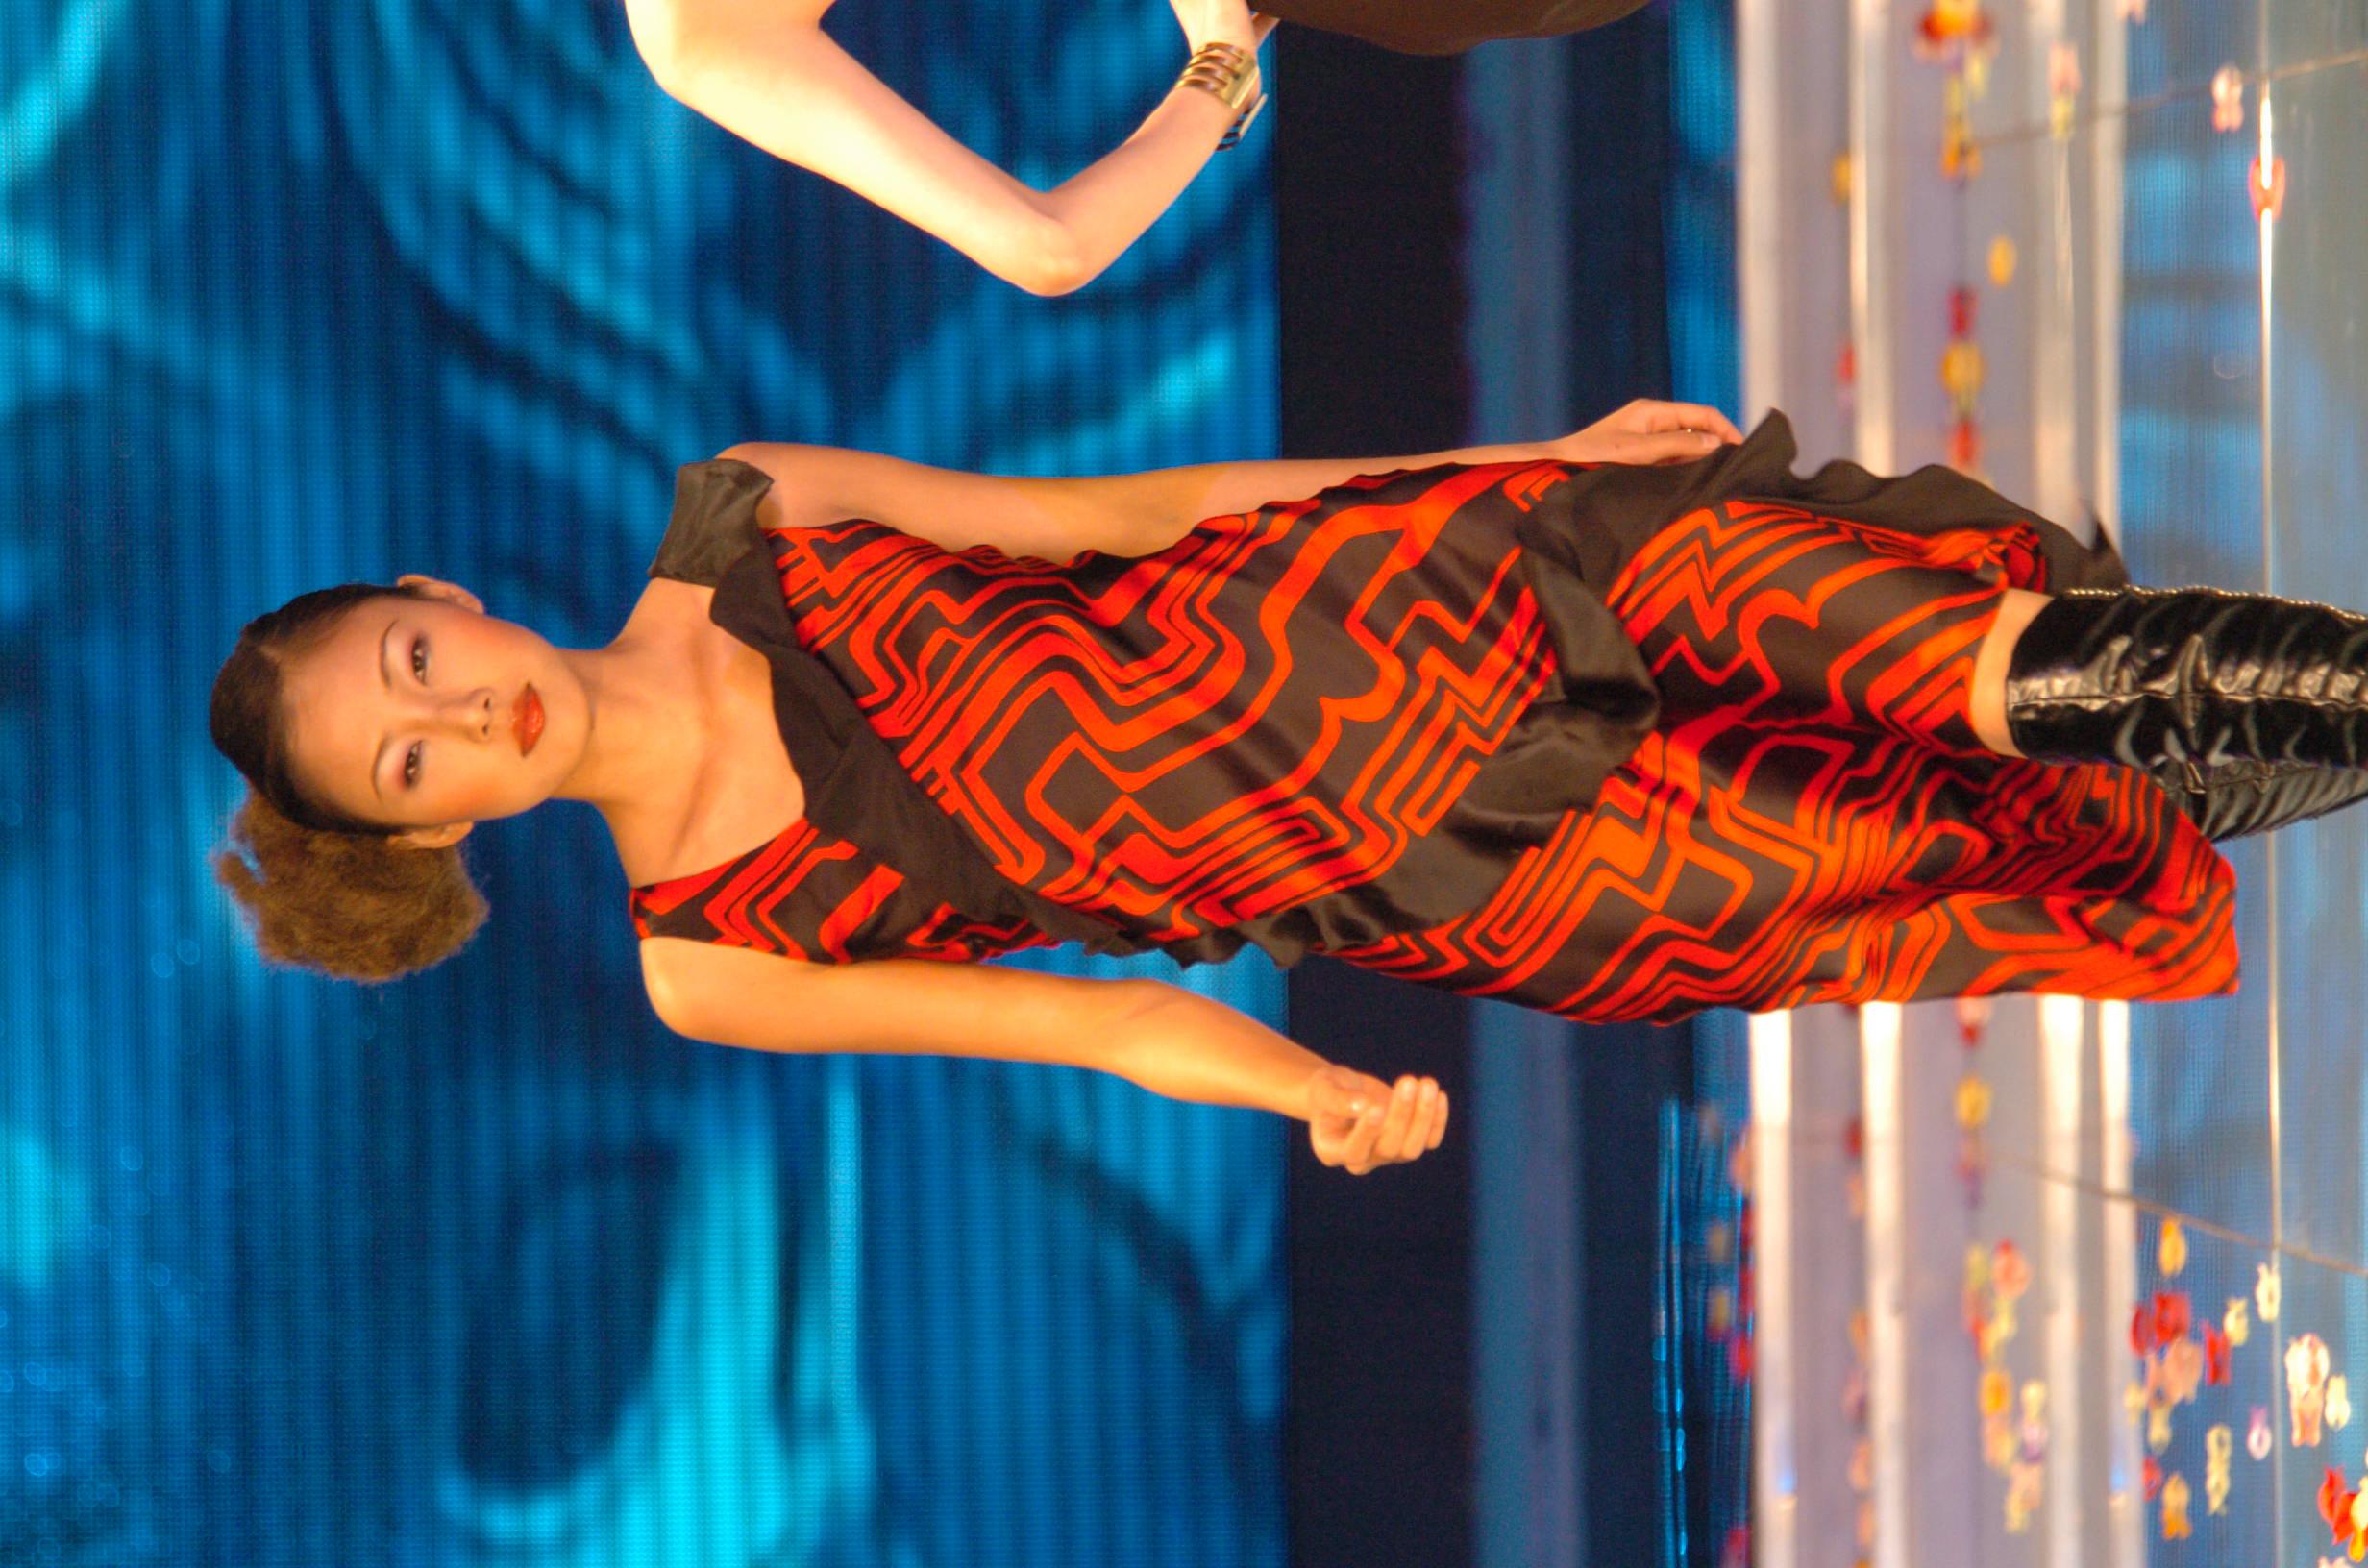 燃红激情-丝绸时装设计系列|服装|正装/礼服|jack